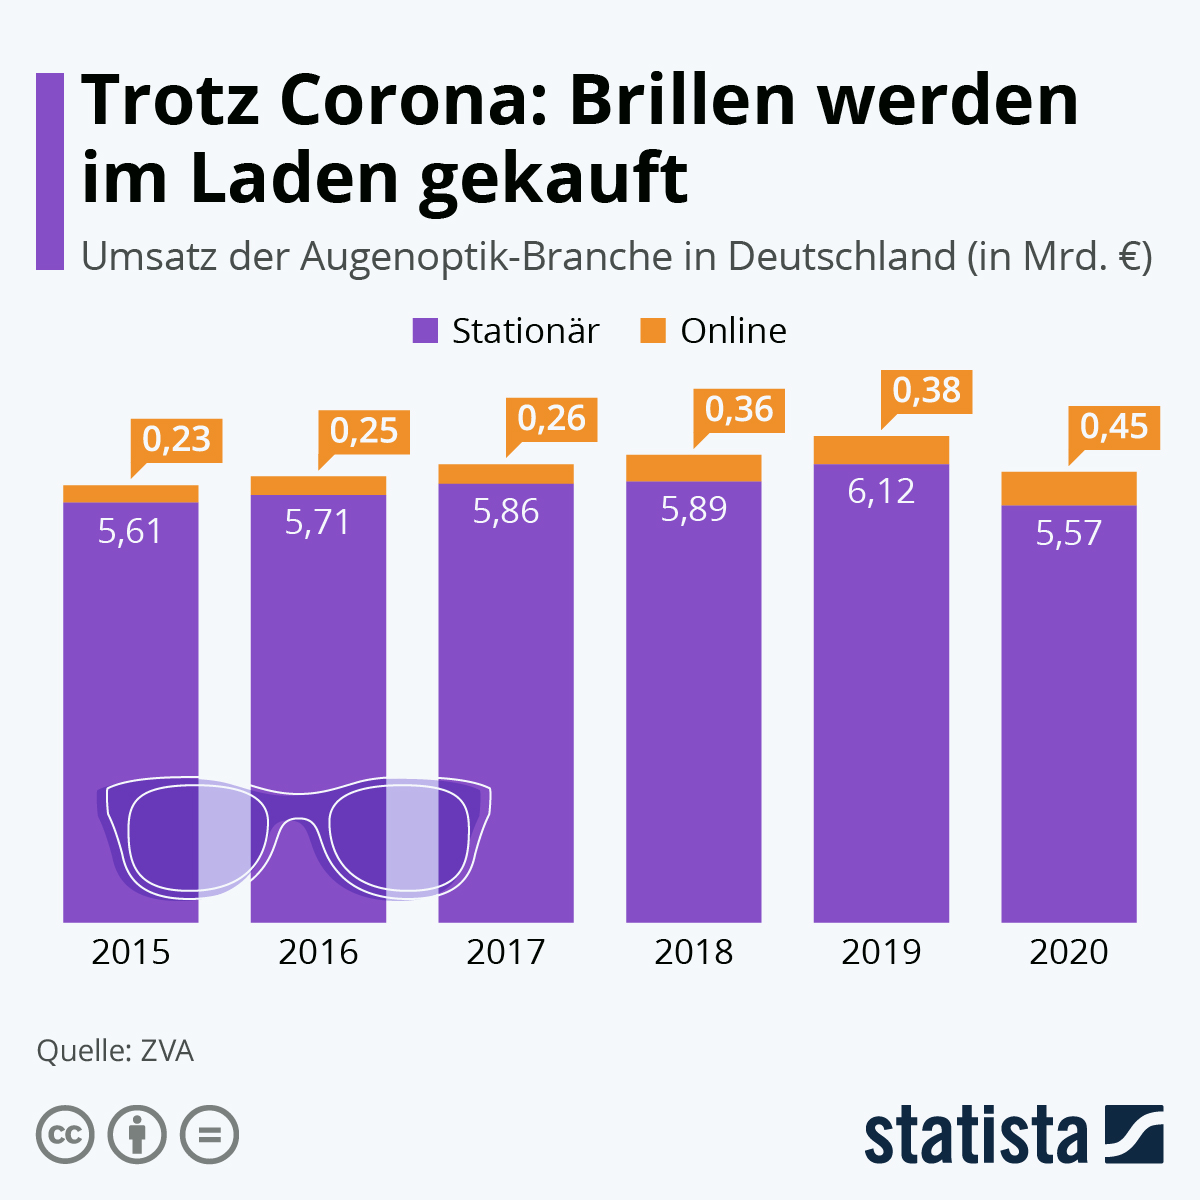 Infografik: Trotz Corona: Brillen werden im Laden gekauft | Statista